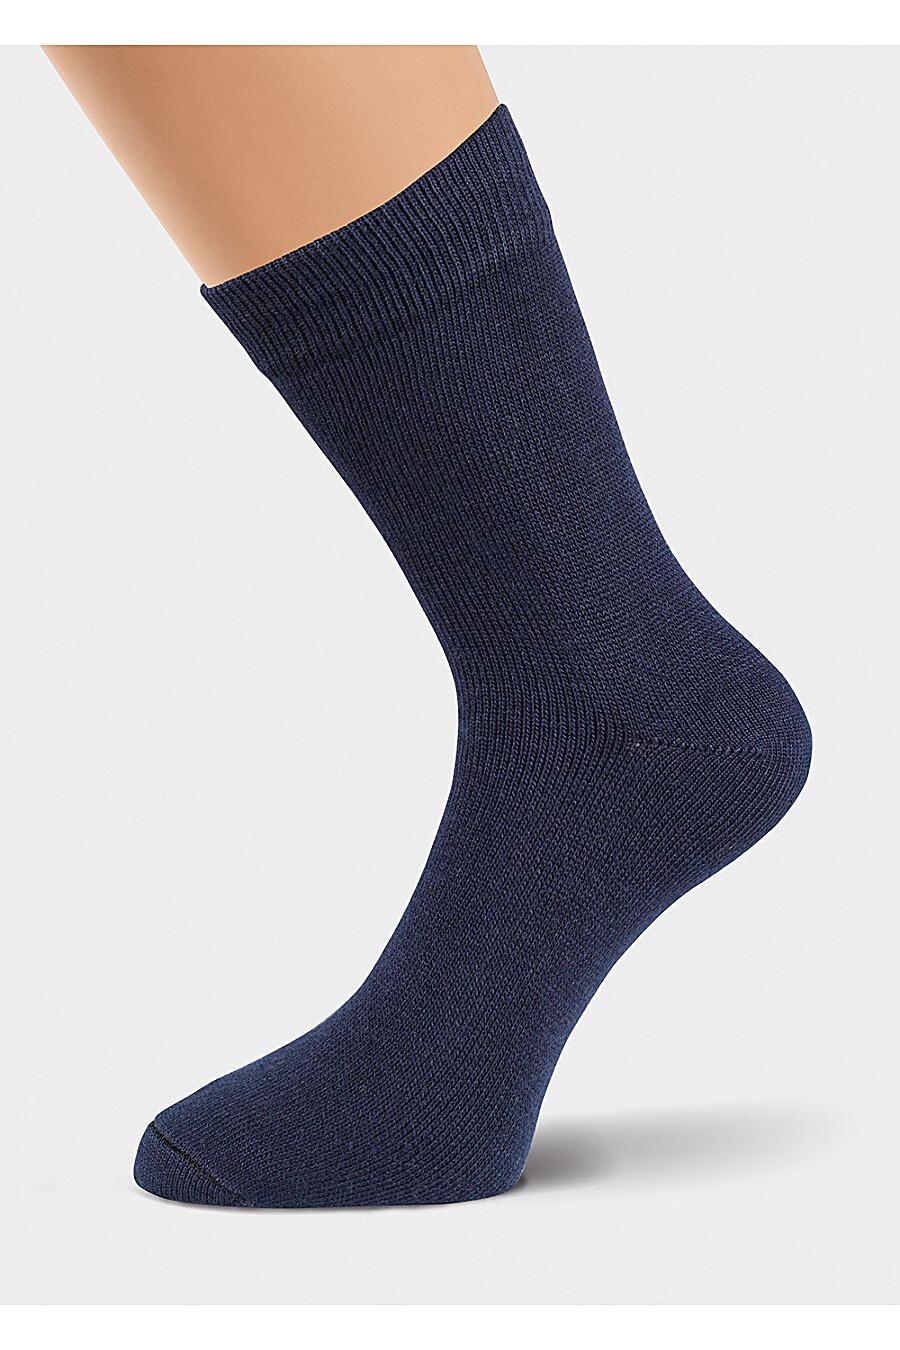 Носки для мужчин CLEVER 175779 купить оптом от производителя. Совместная покупка мужской одежды в OptMoyo